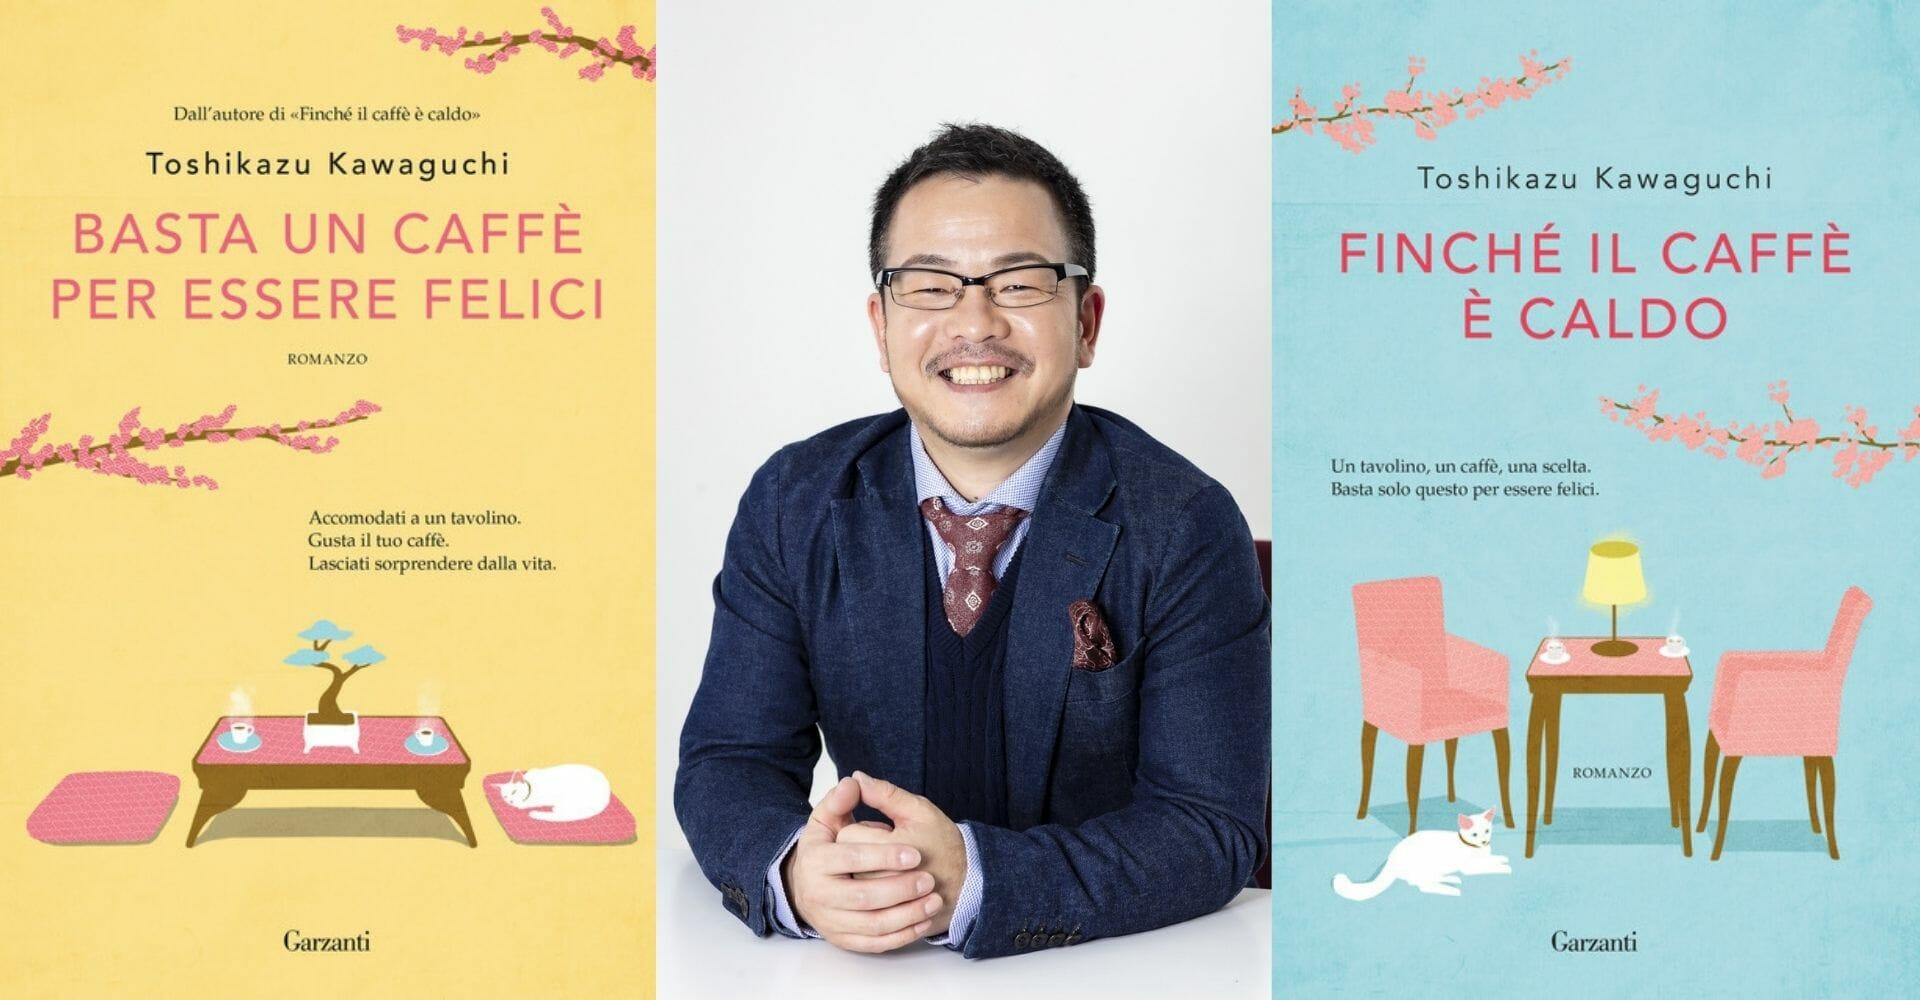 Il giapponese Toshikazu Kawaguchi svela il segreto dei suoi bestseller